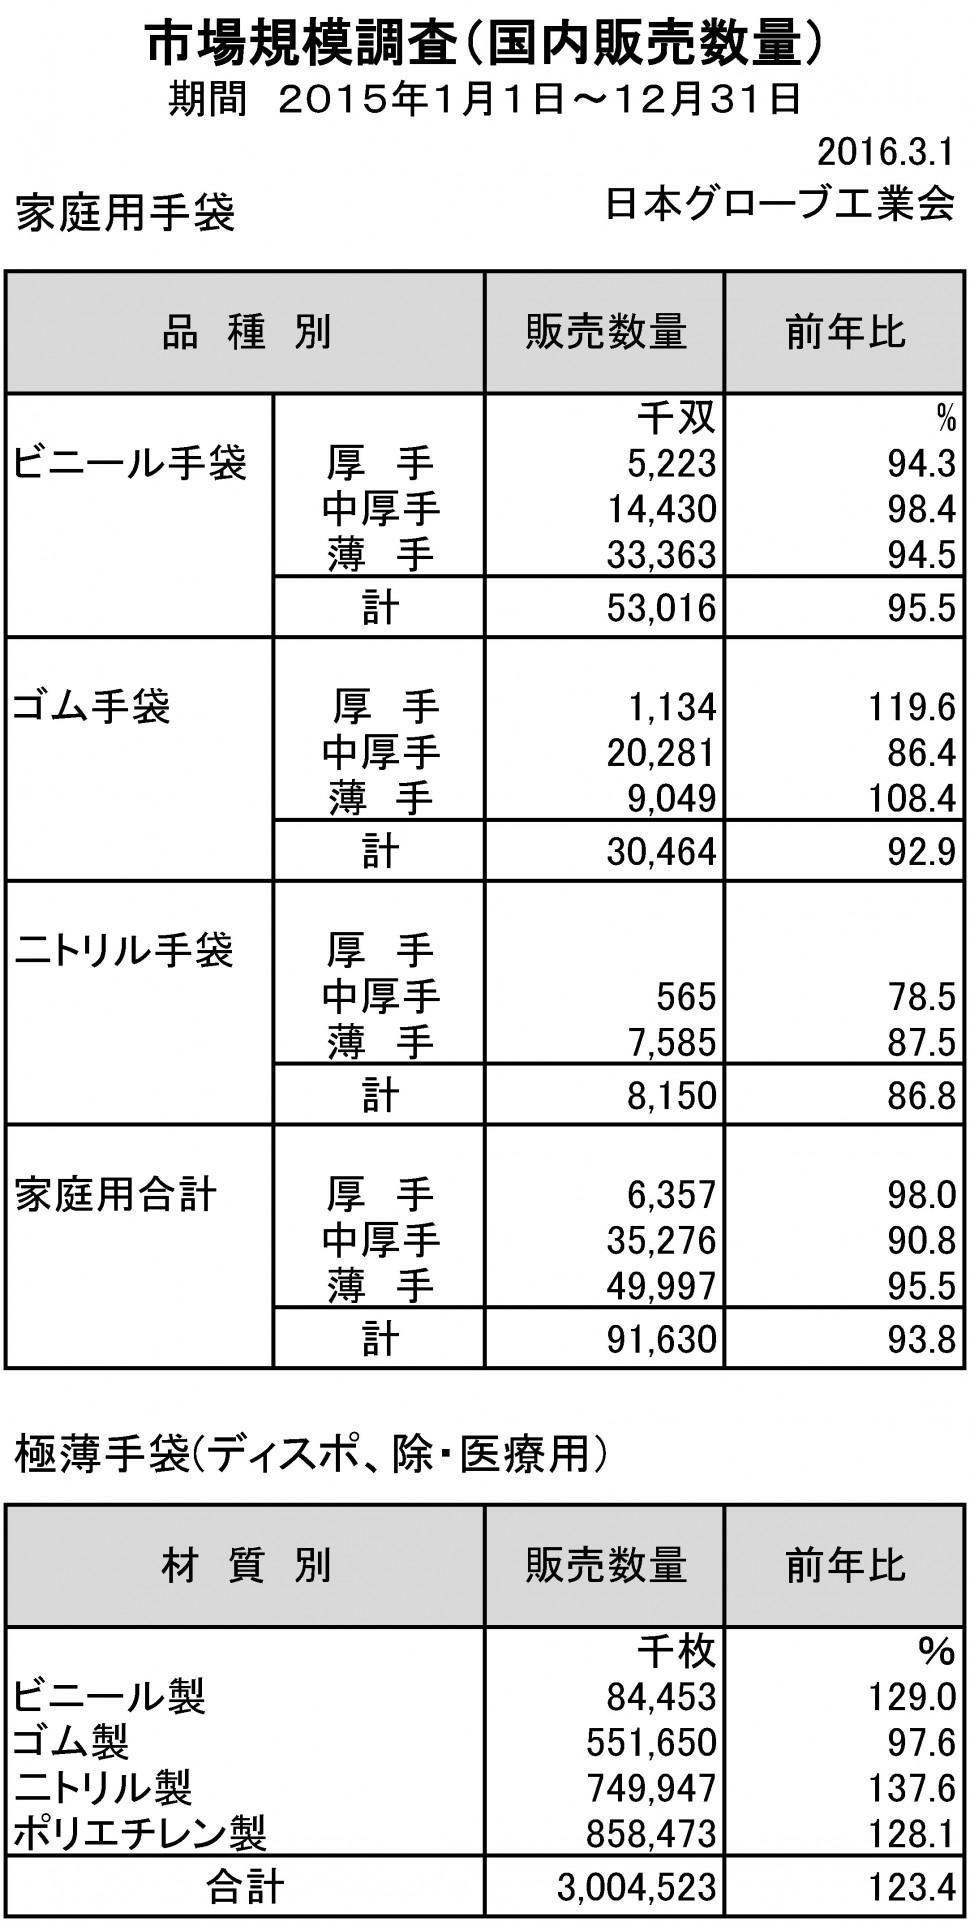 2015年手袋市場規模調査(家庭用)